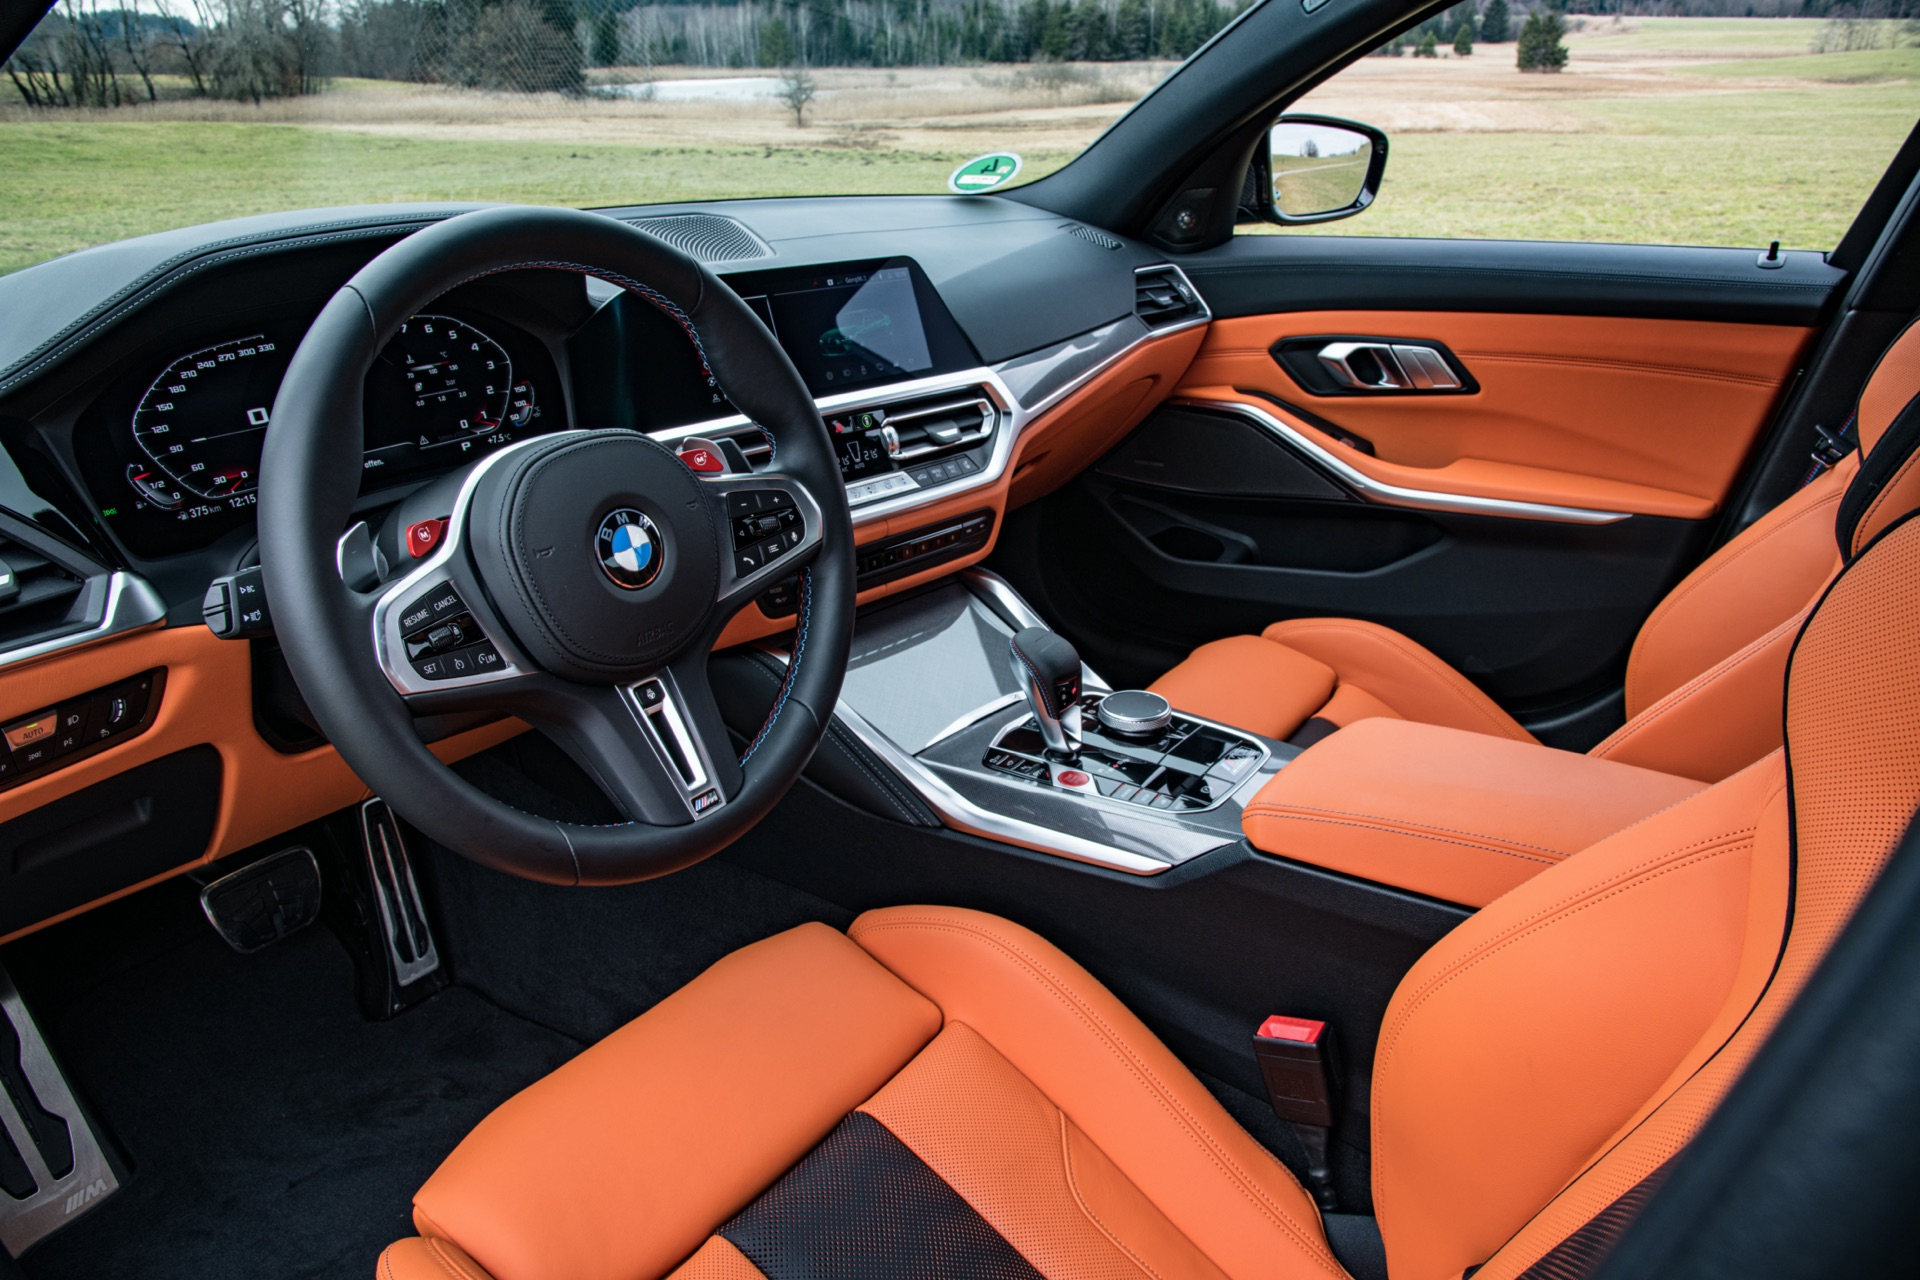 2022 BMW M3 cabin